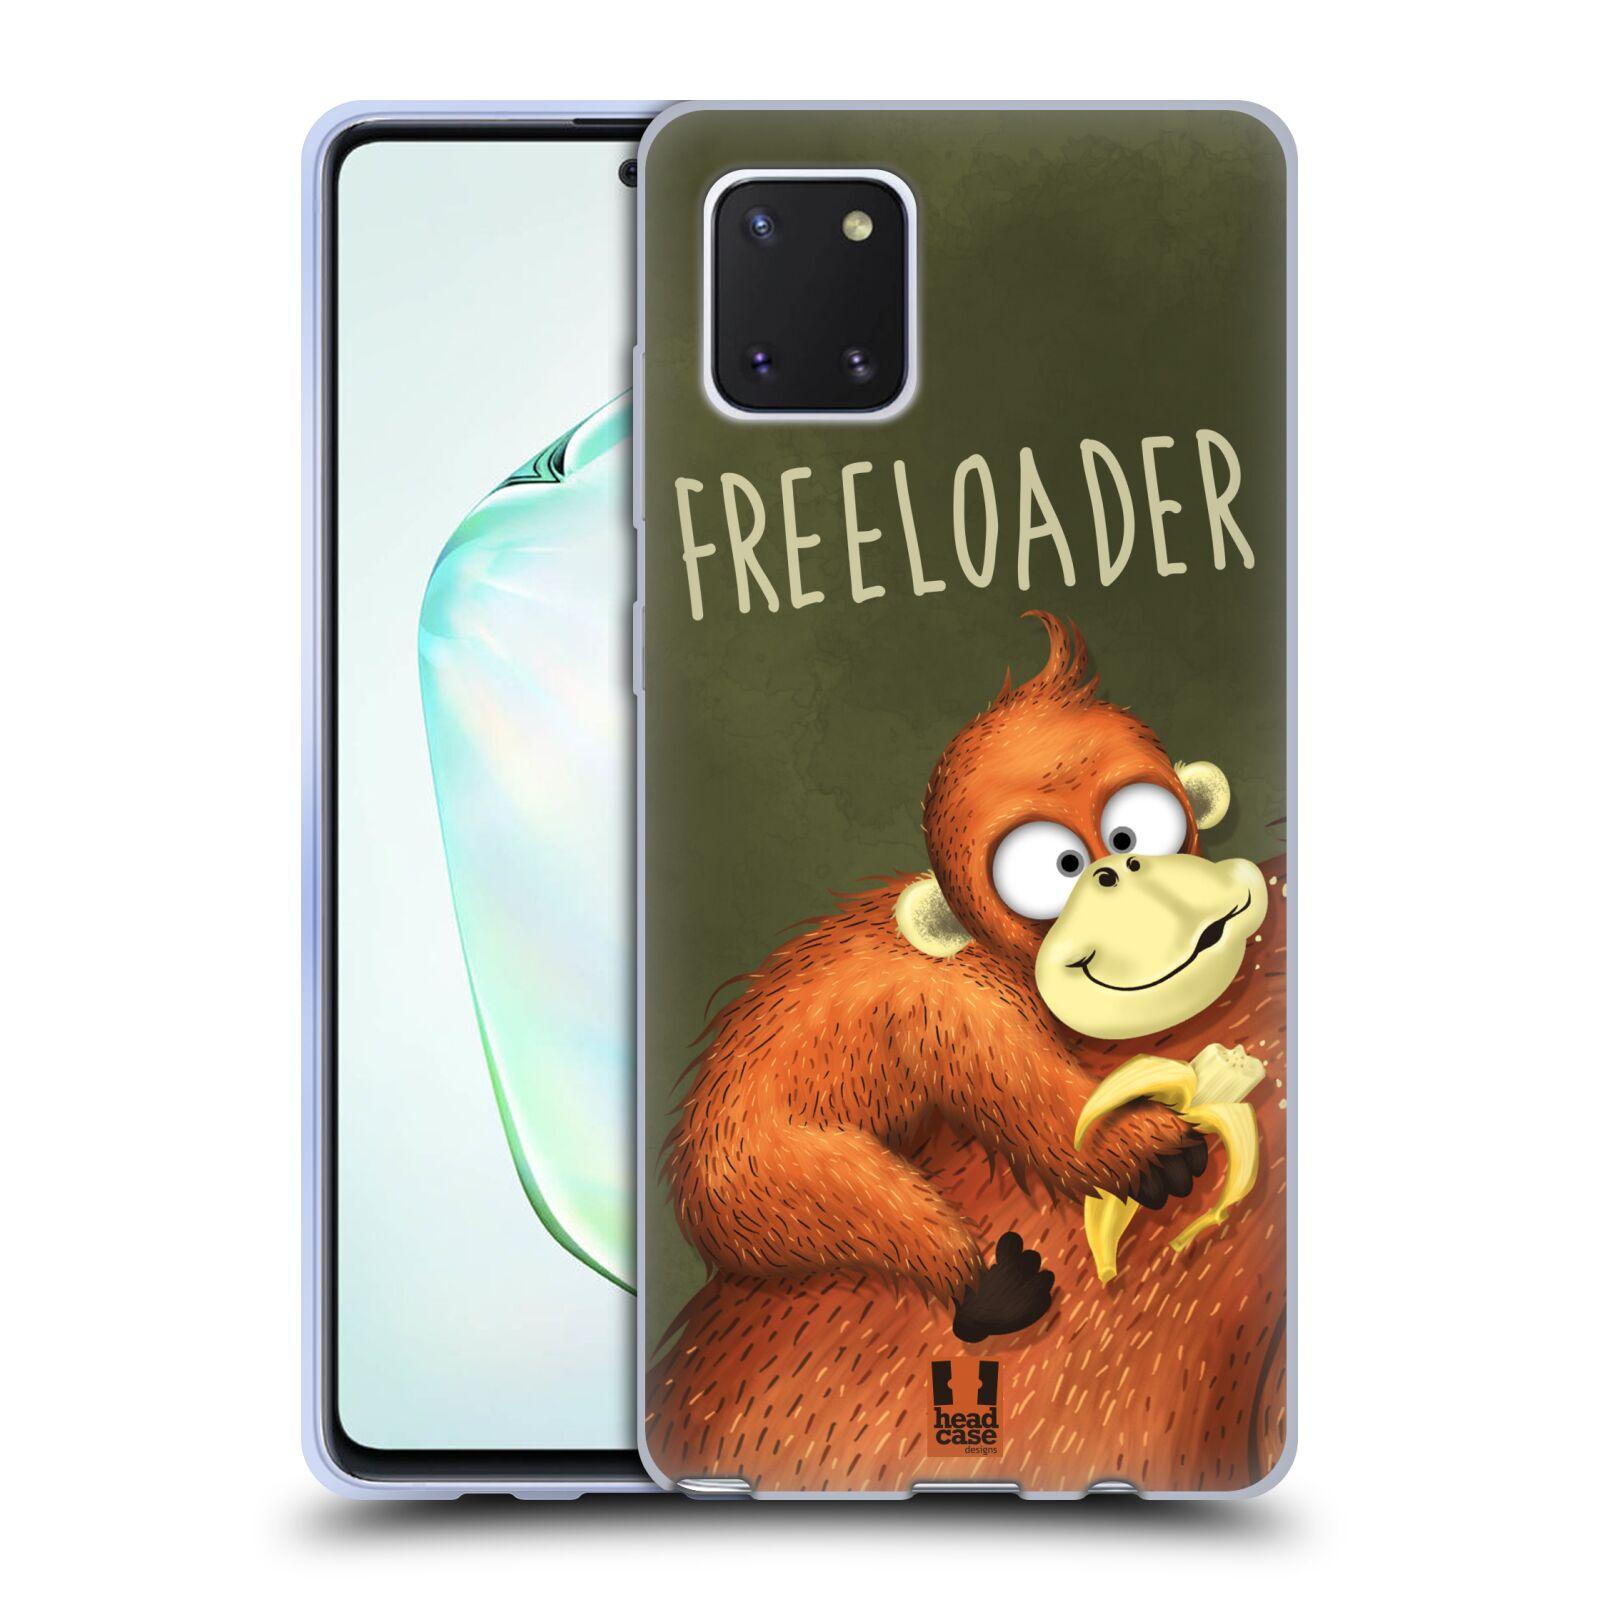 Silikonové pouzdro na mobil Samsung Galaxy Note 10 Lite - Head Case - Opičák Freeloader